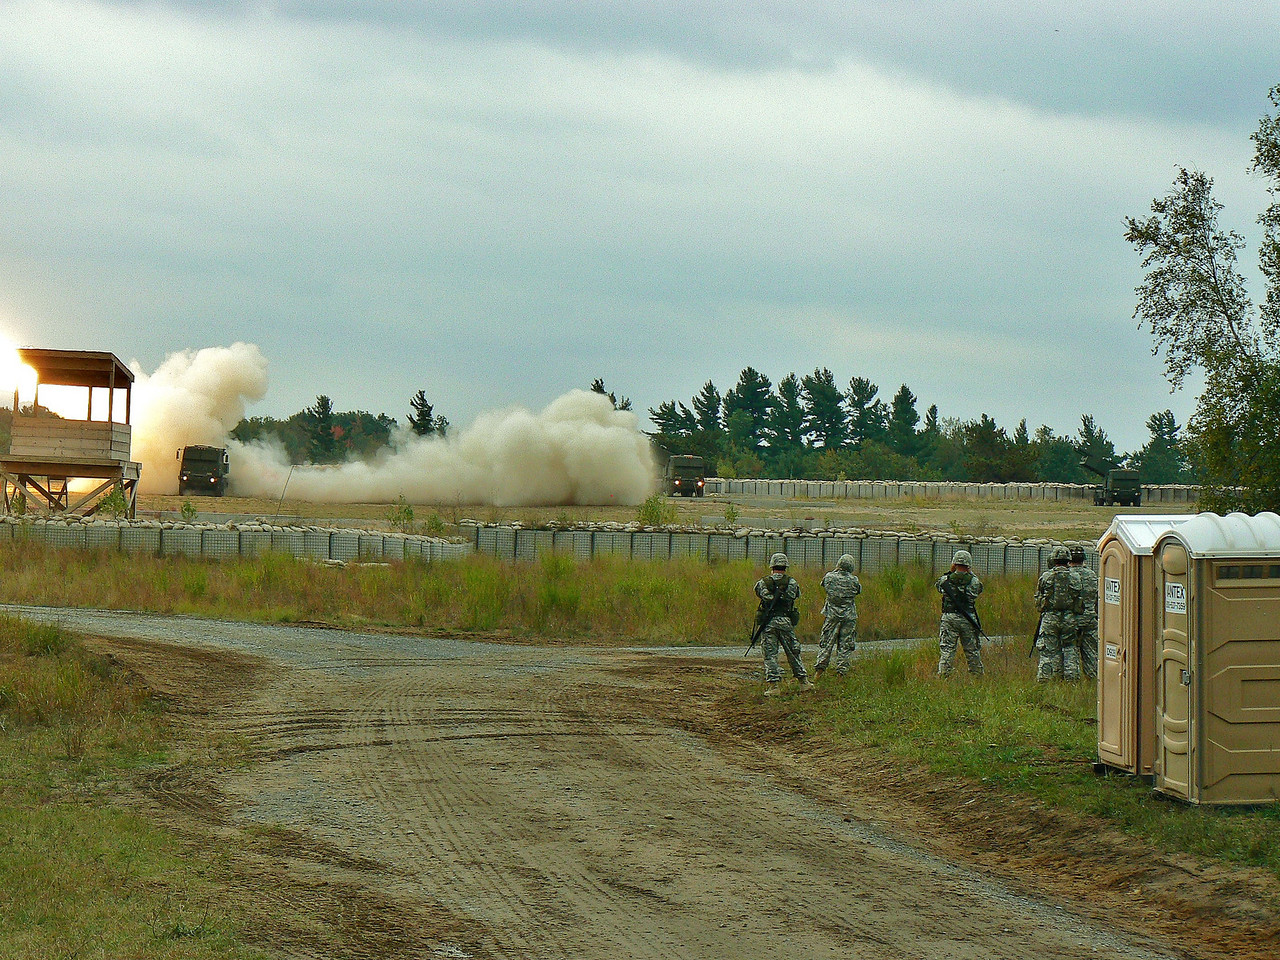 Launcher 32 firing